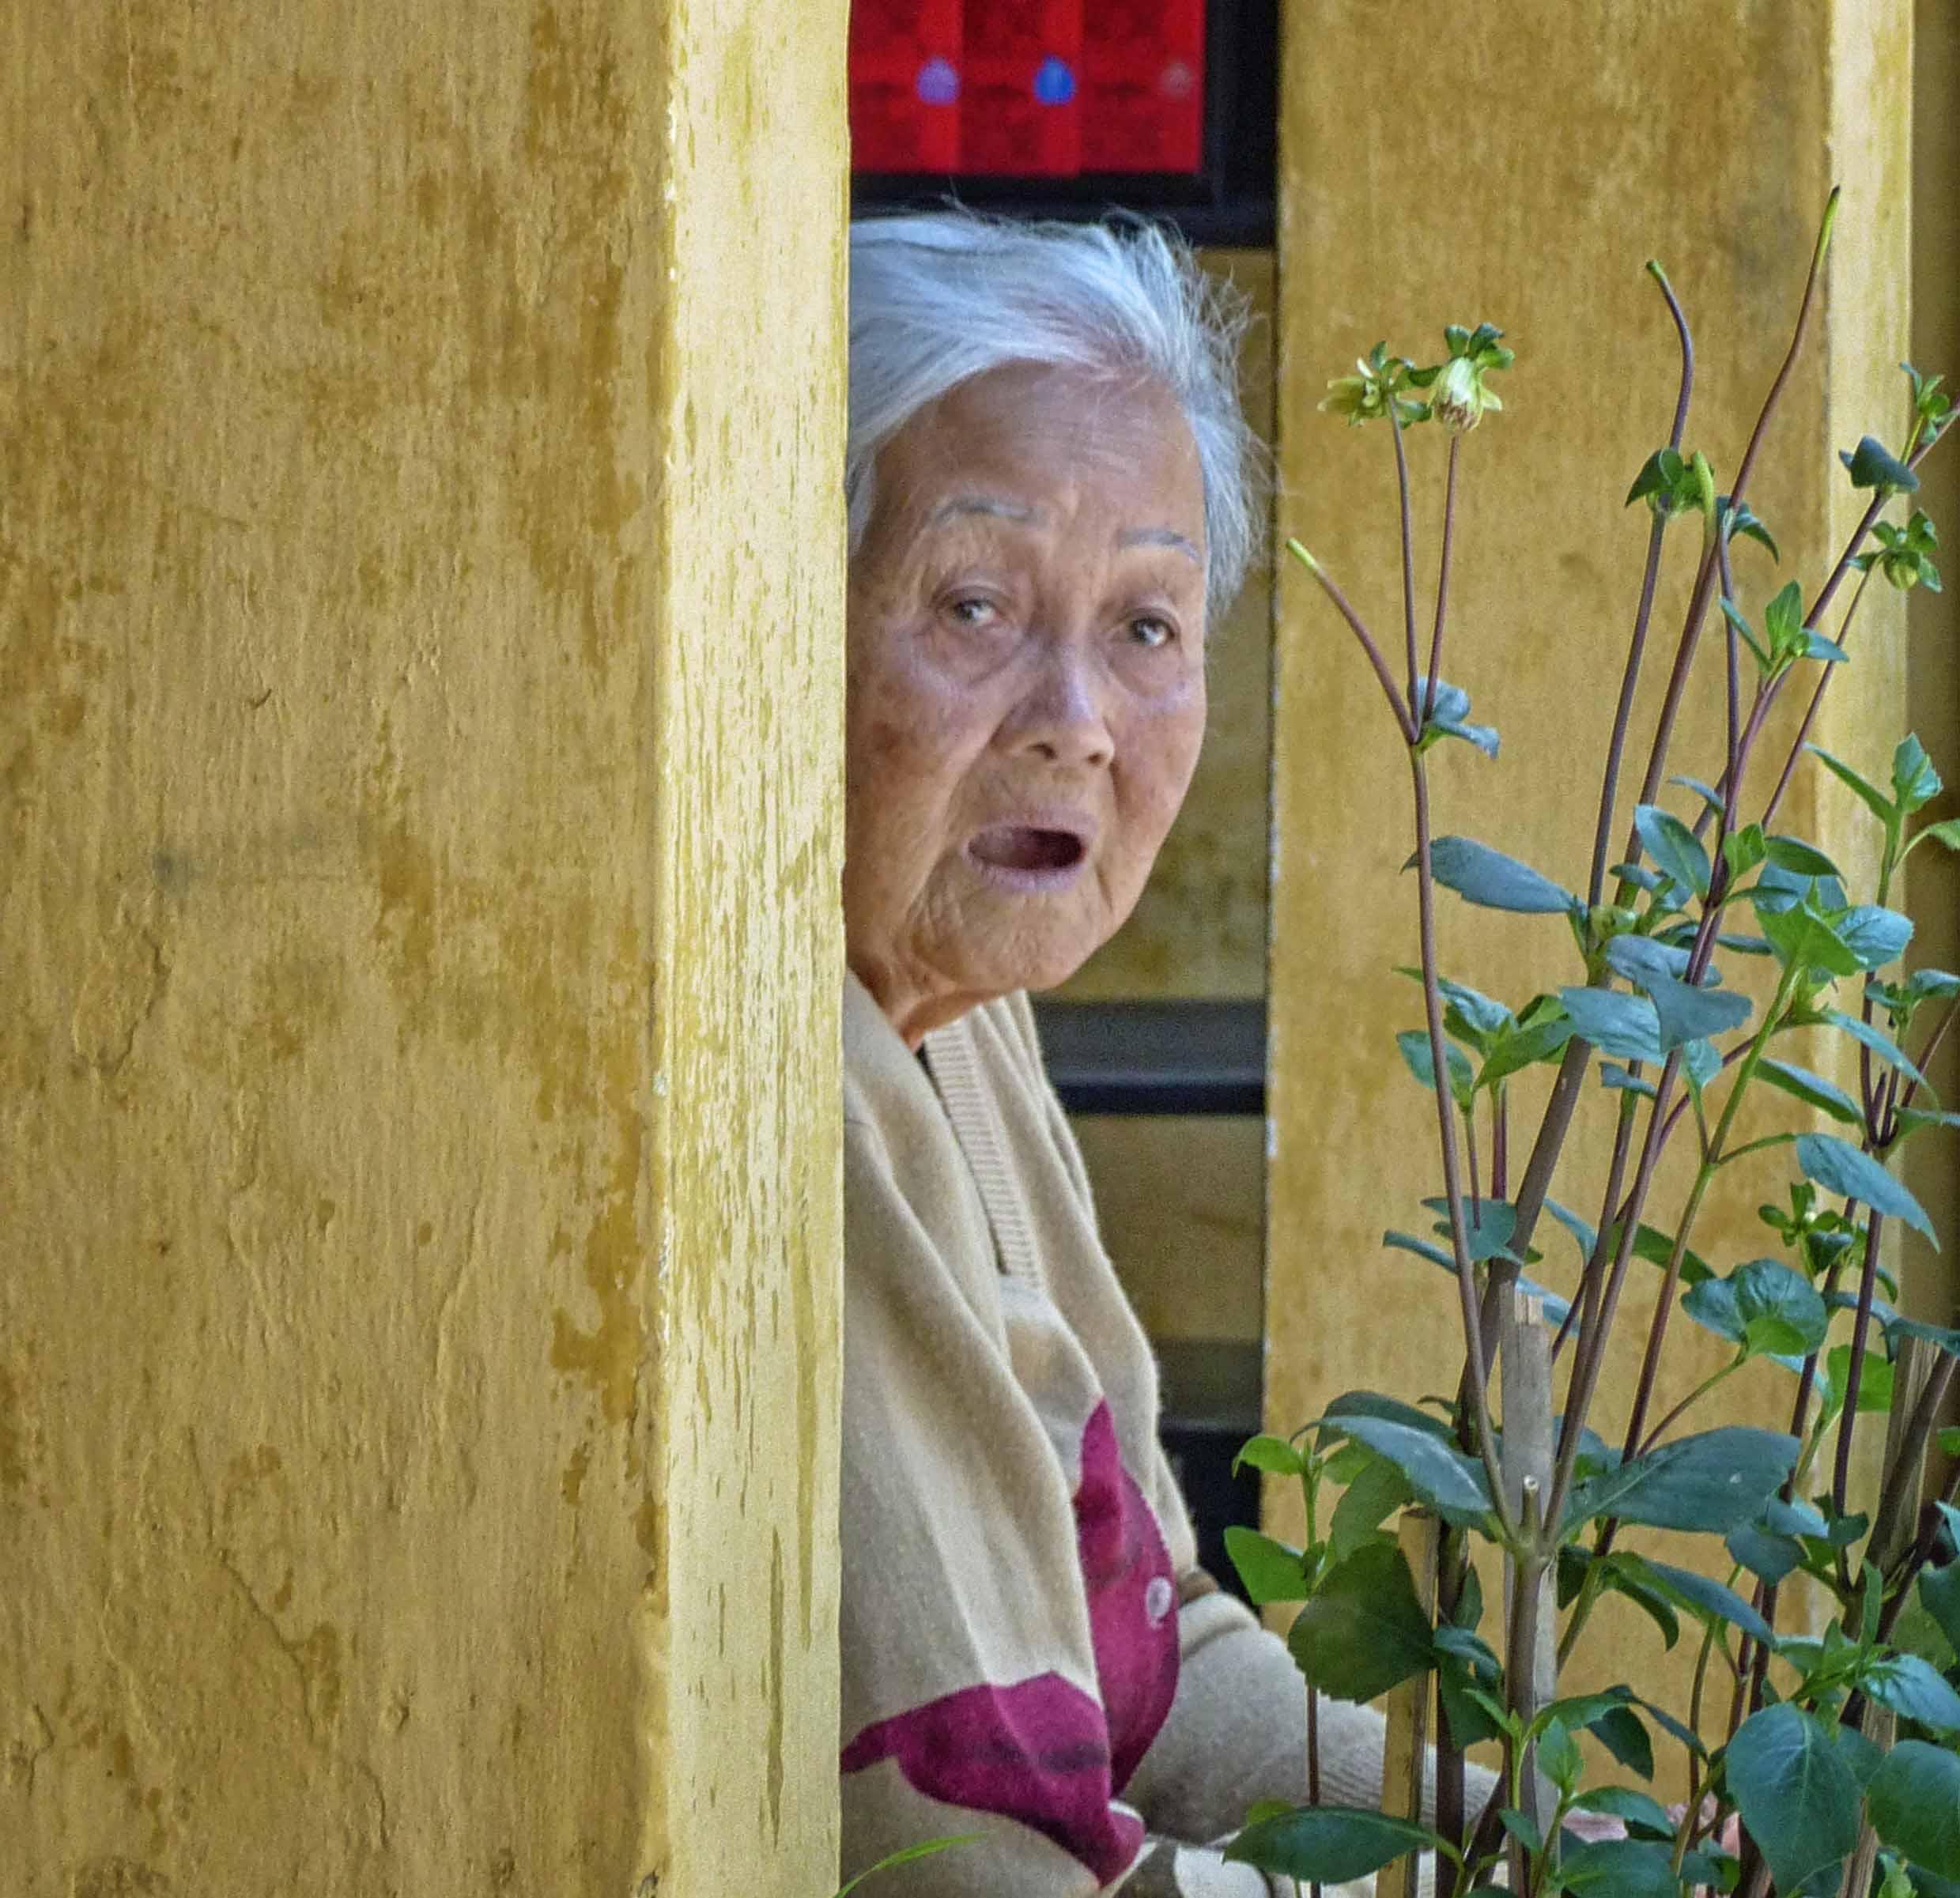 Elderly lady looking surprised